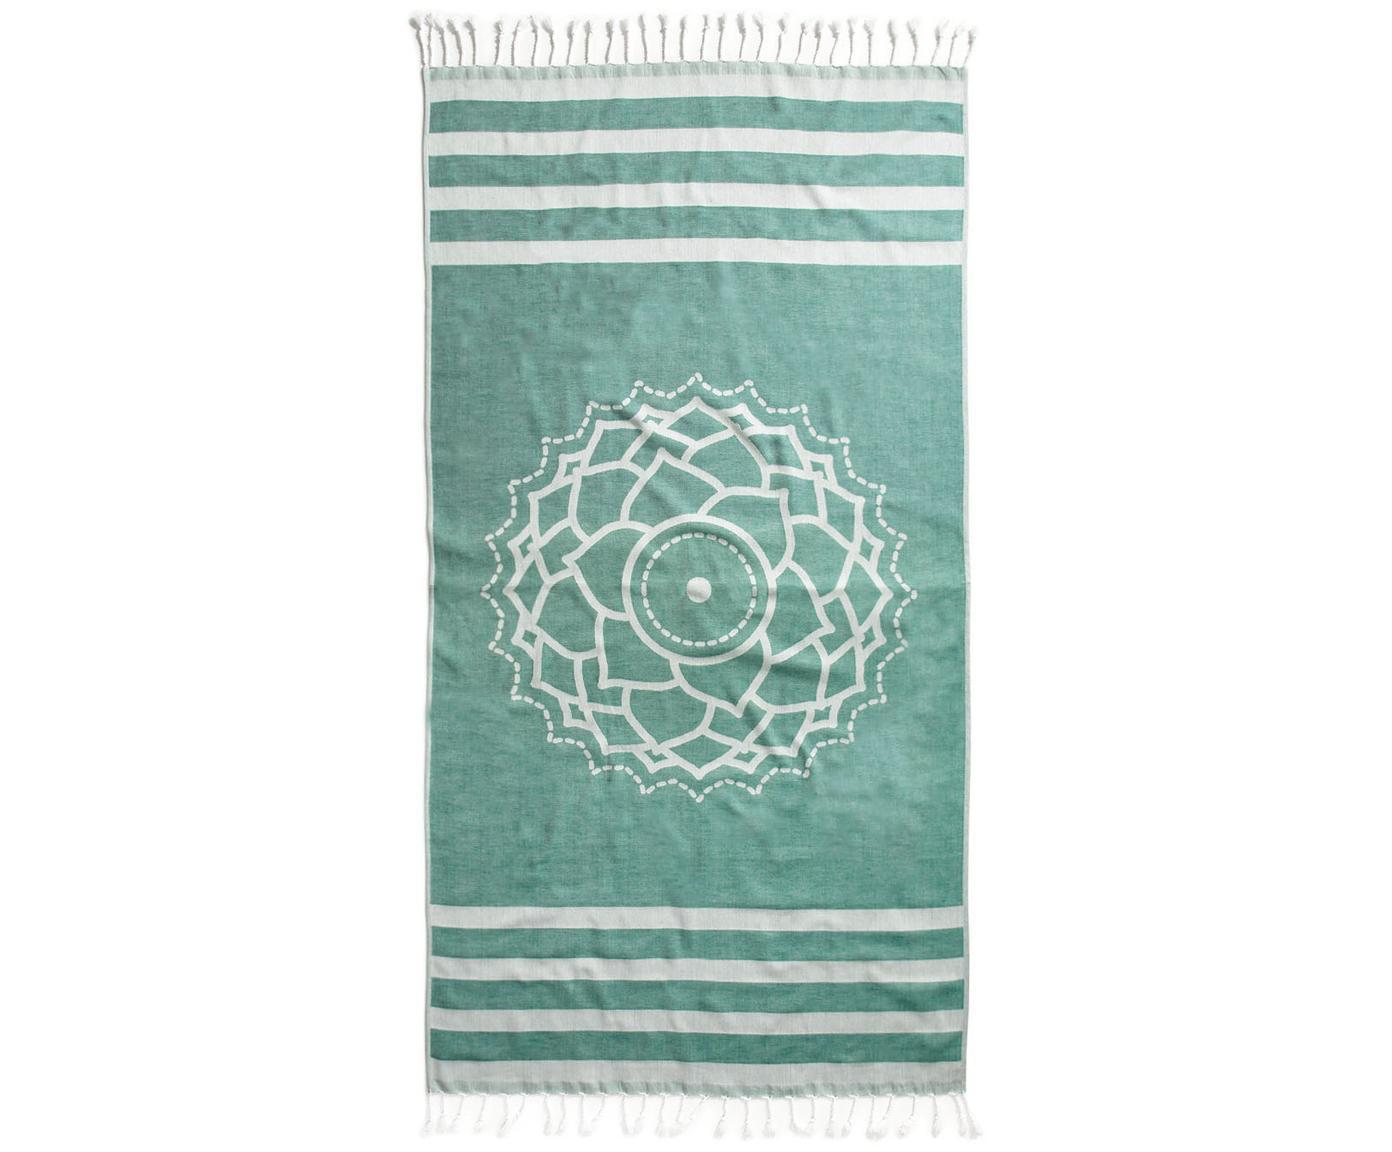 Hamamdoek Crown, Katoen lichte stofkwaliteit, 210g/m², Groen, wit, 90 x 180 cm